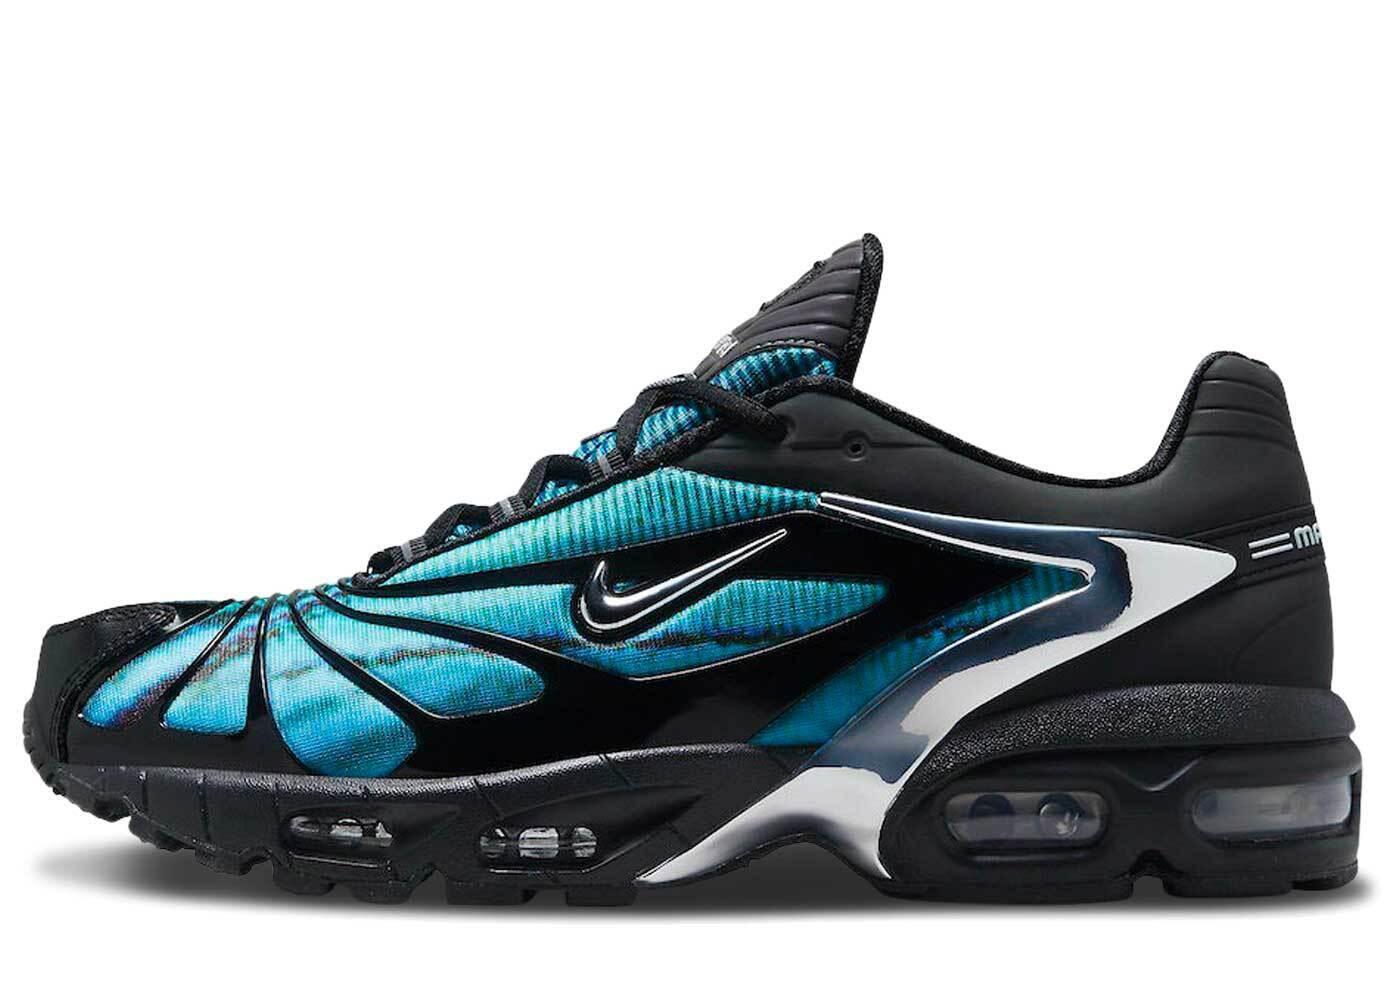 Skepta × Nike Air Max Tailwind 5 Bright Blueの写真